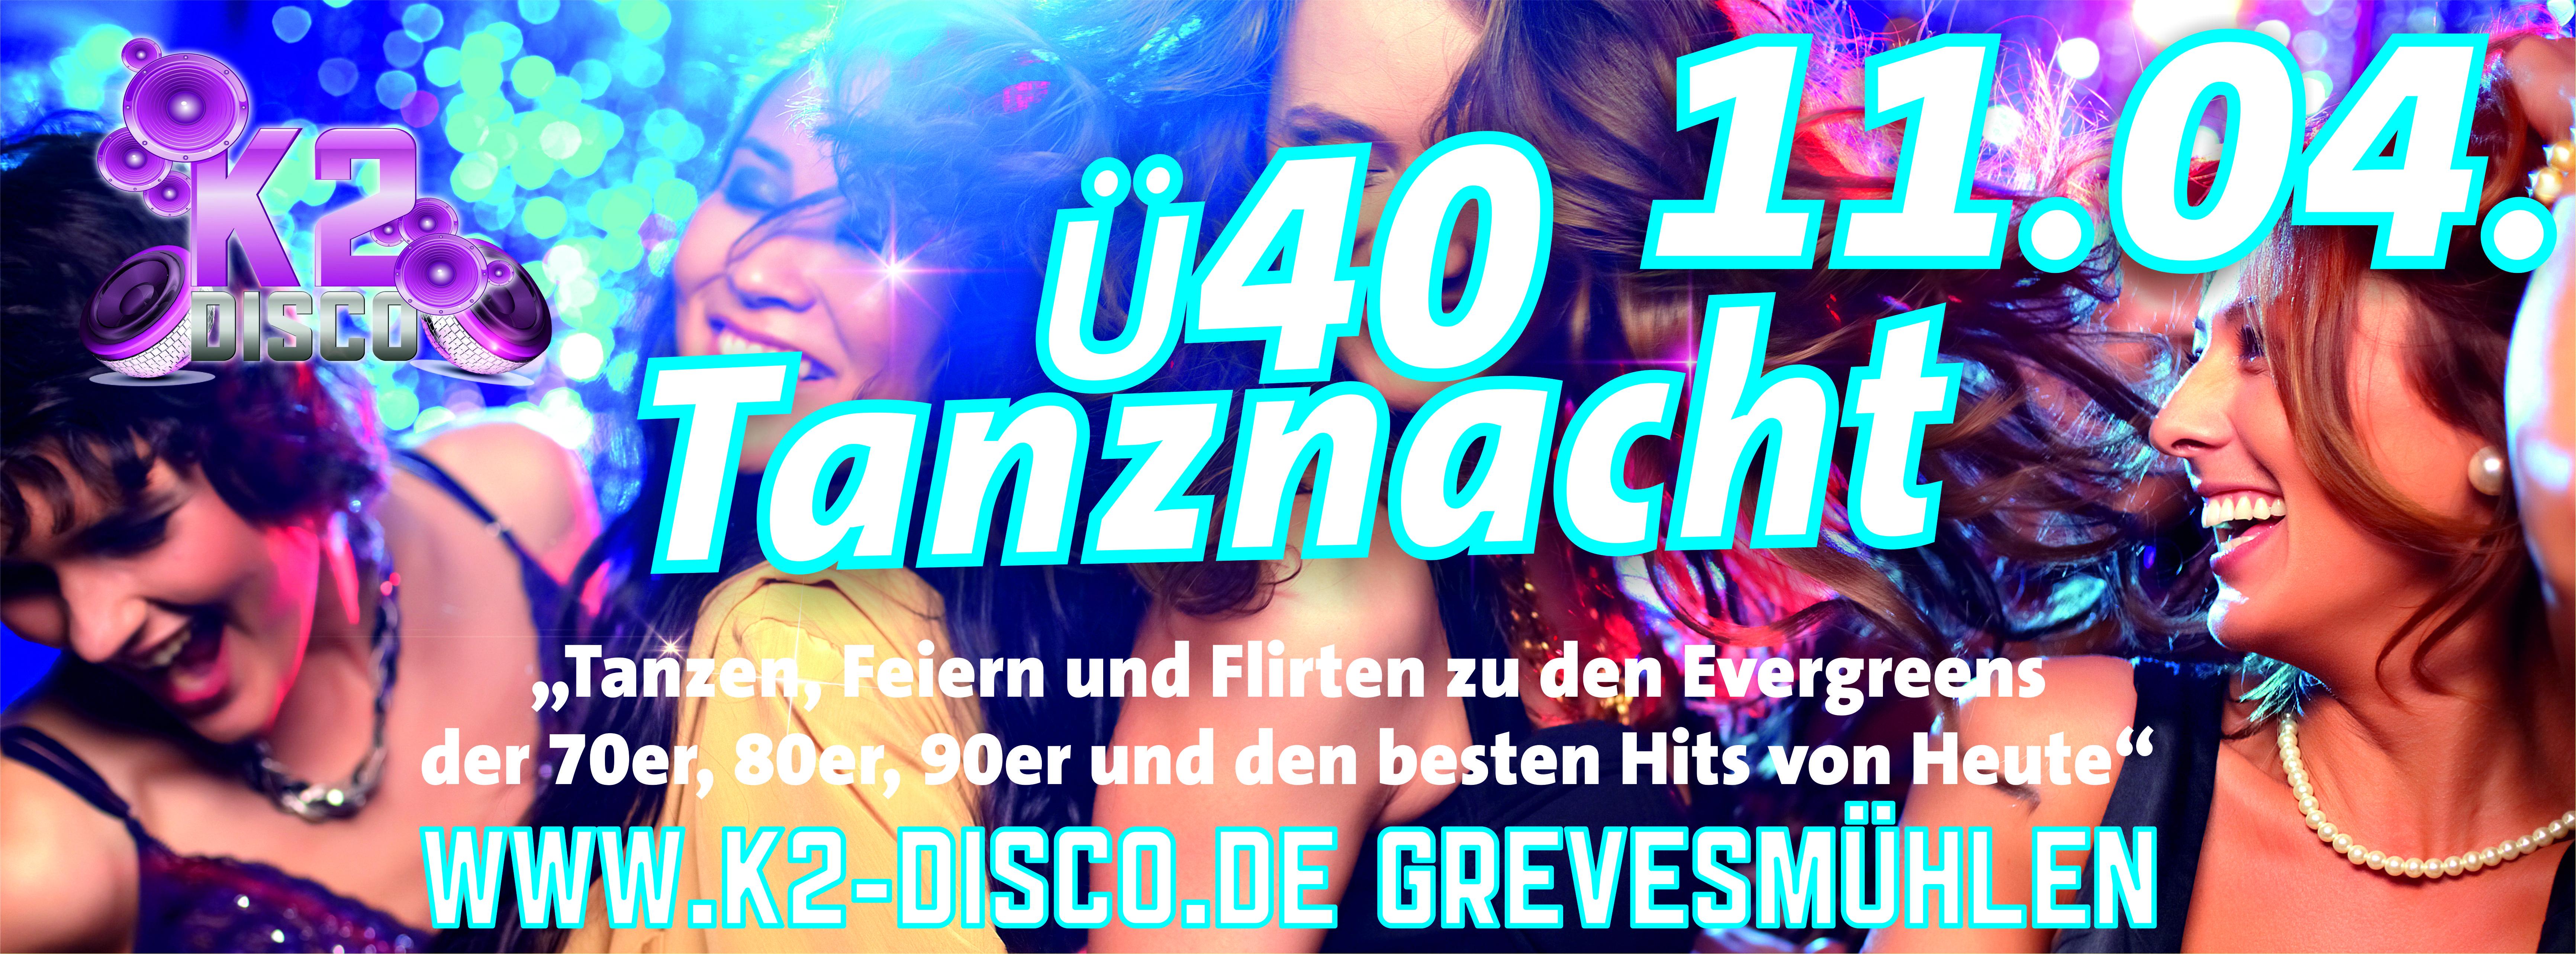 Ü40 Tanznacht